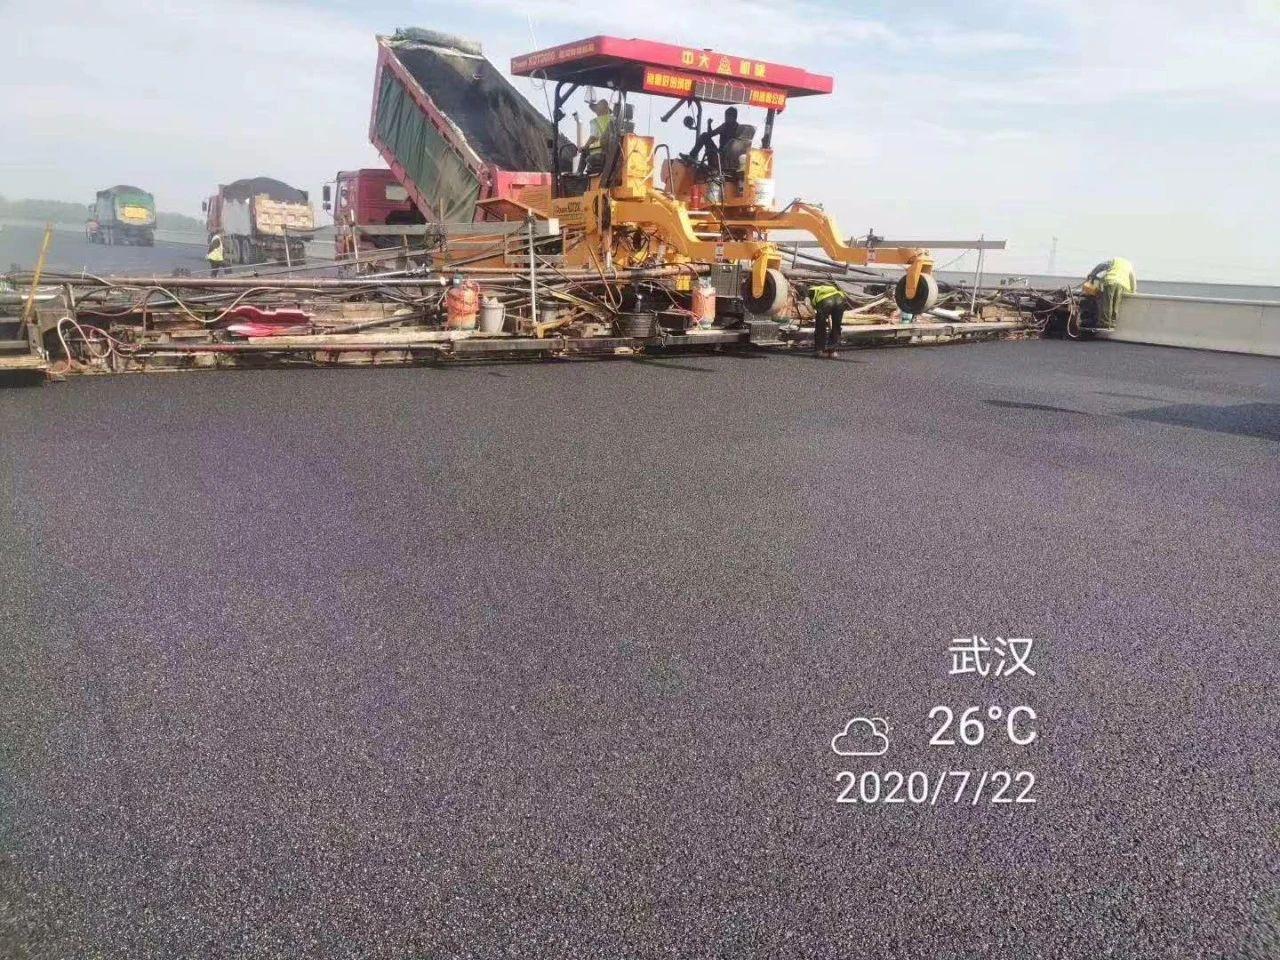 中大抗离析摊铺机在武汉北四环进行19.5m宽一字坡无纵缝上面层沥青摊铺